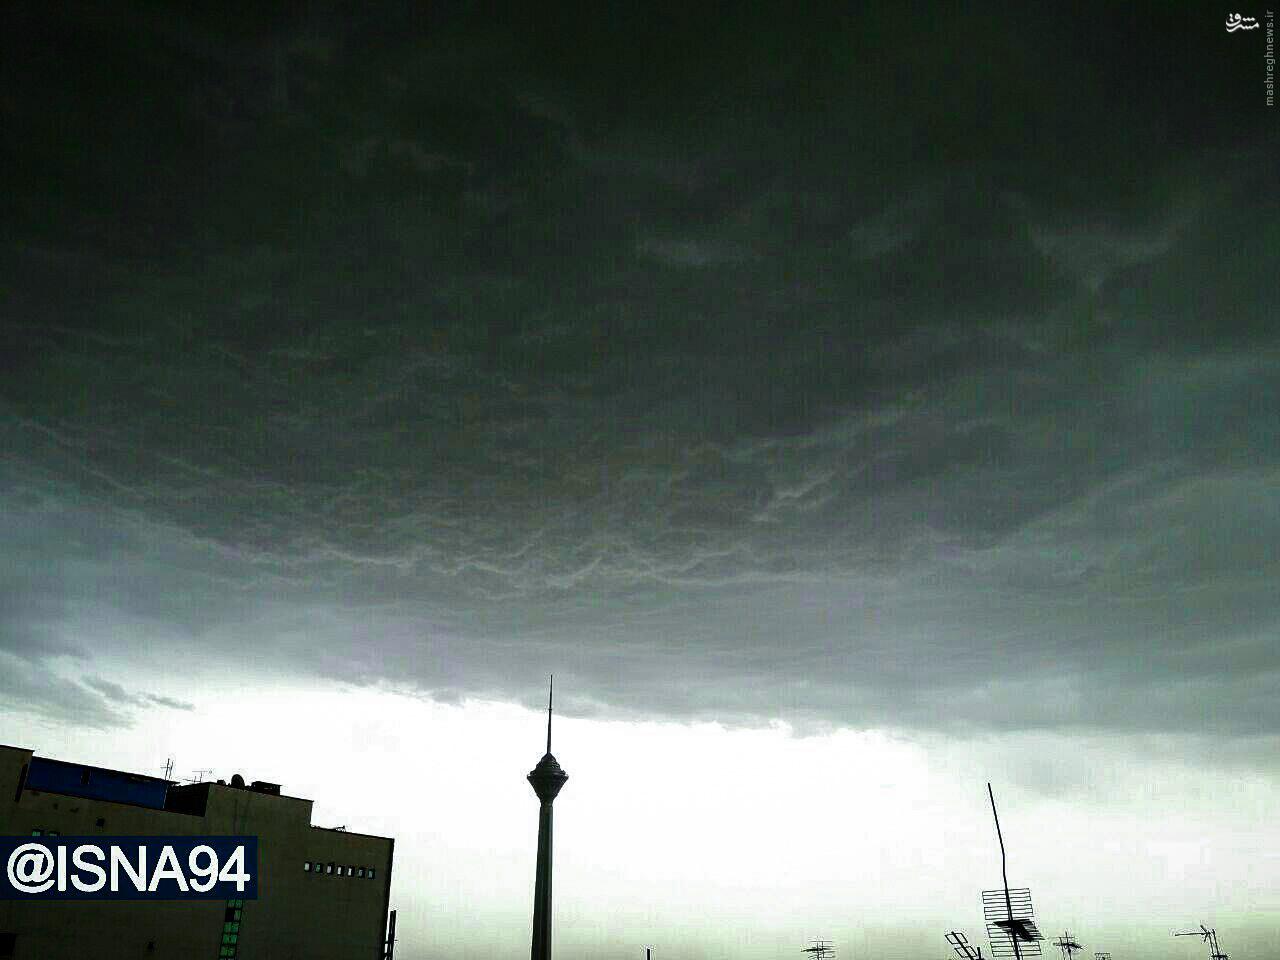 عکس/ آسمان طوفانی عصر امروز در تهران